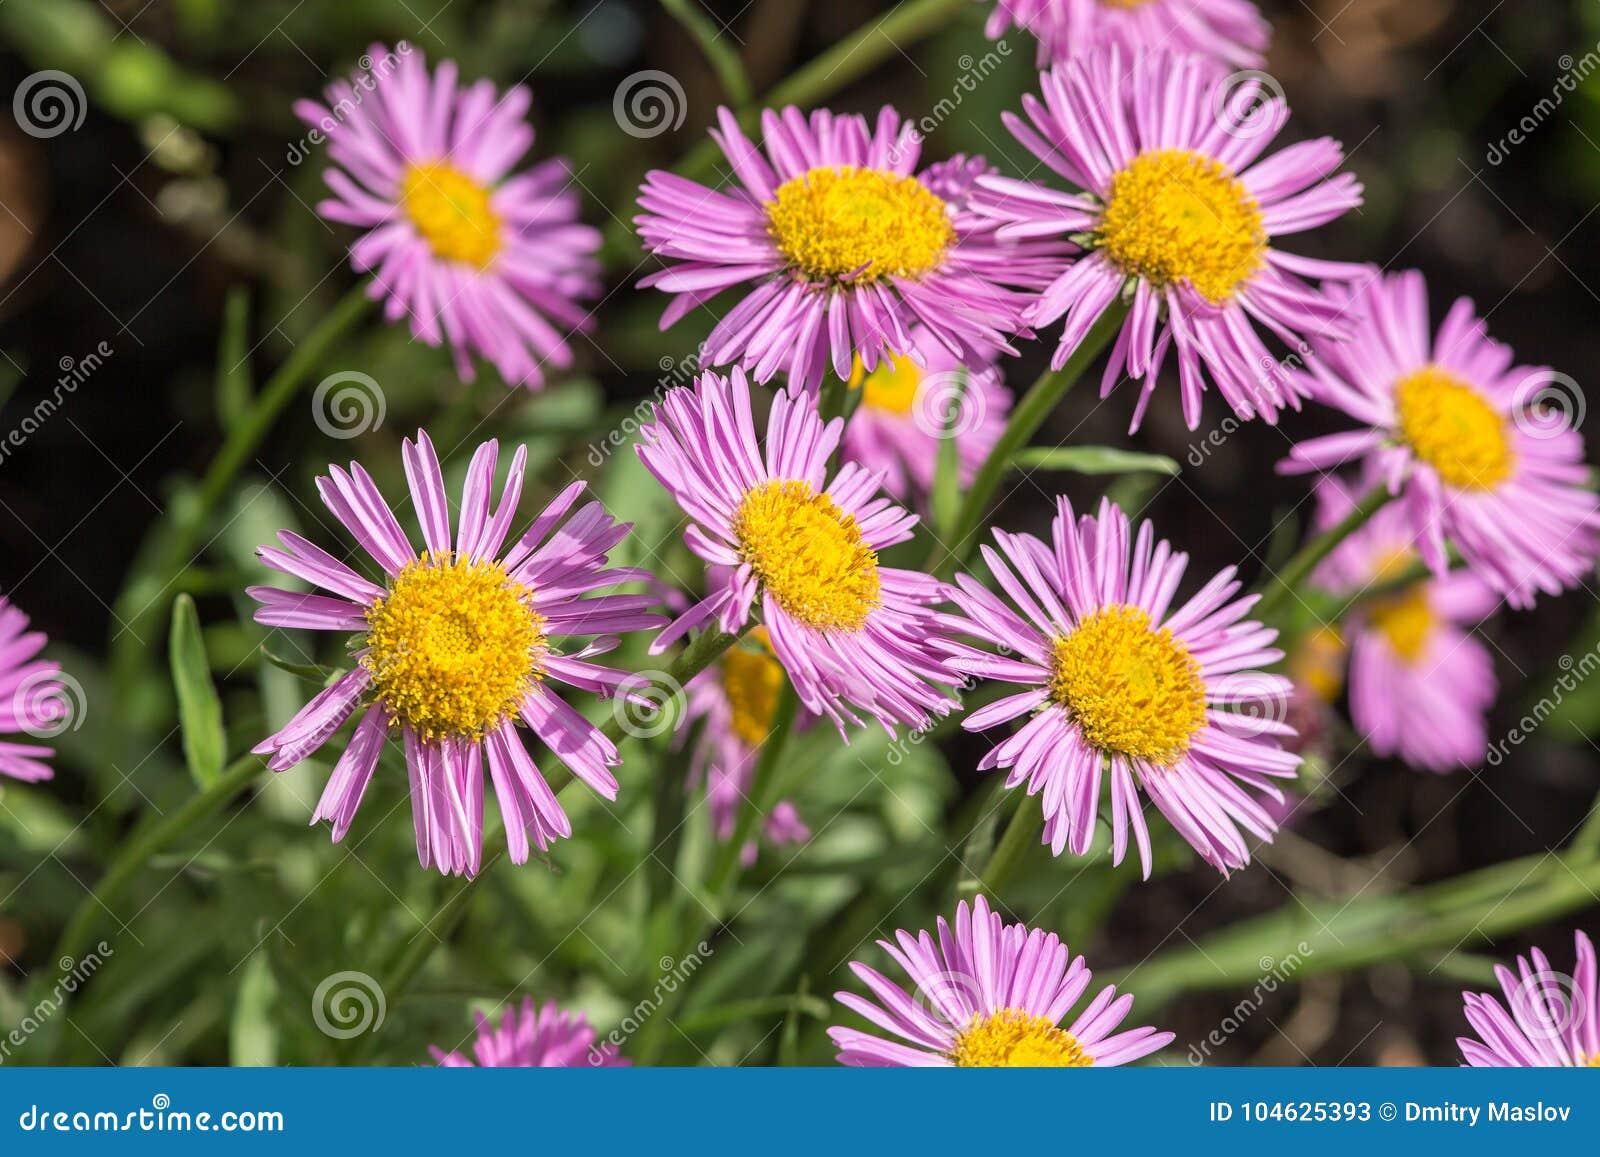 Download Purpere asterclose-up stock afbeelding. Afbeelding bestaande uit bloemblaadje - 104625393